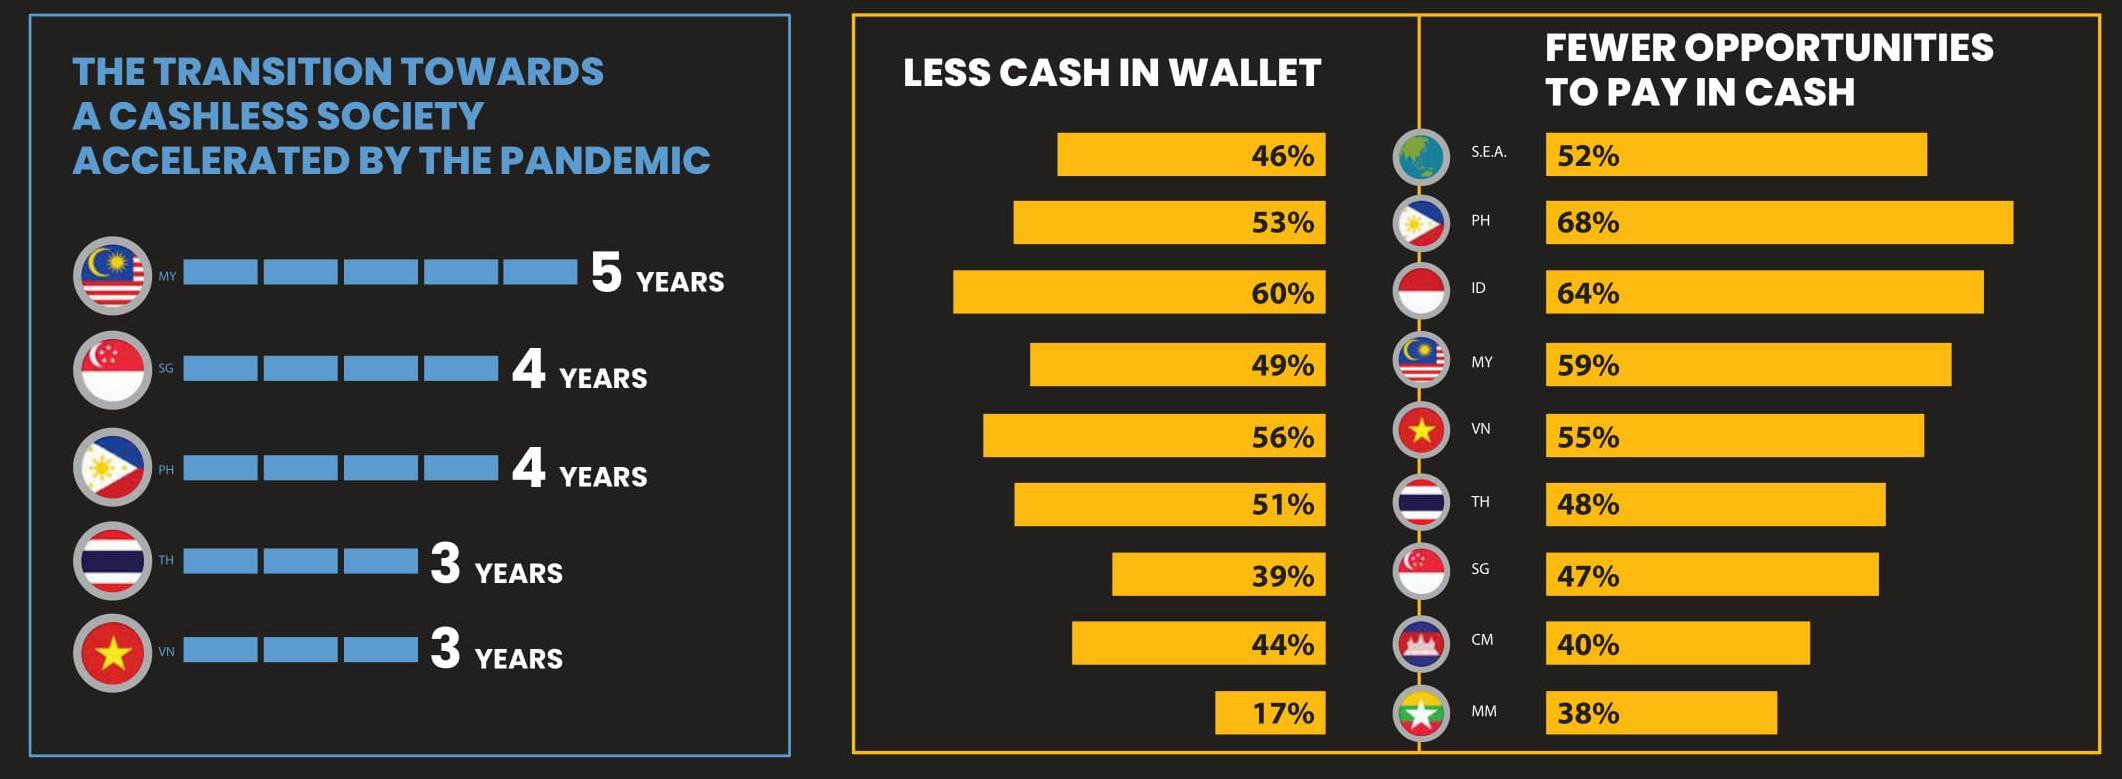 less cash wallet